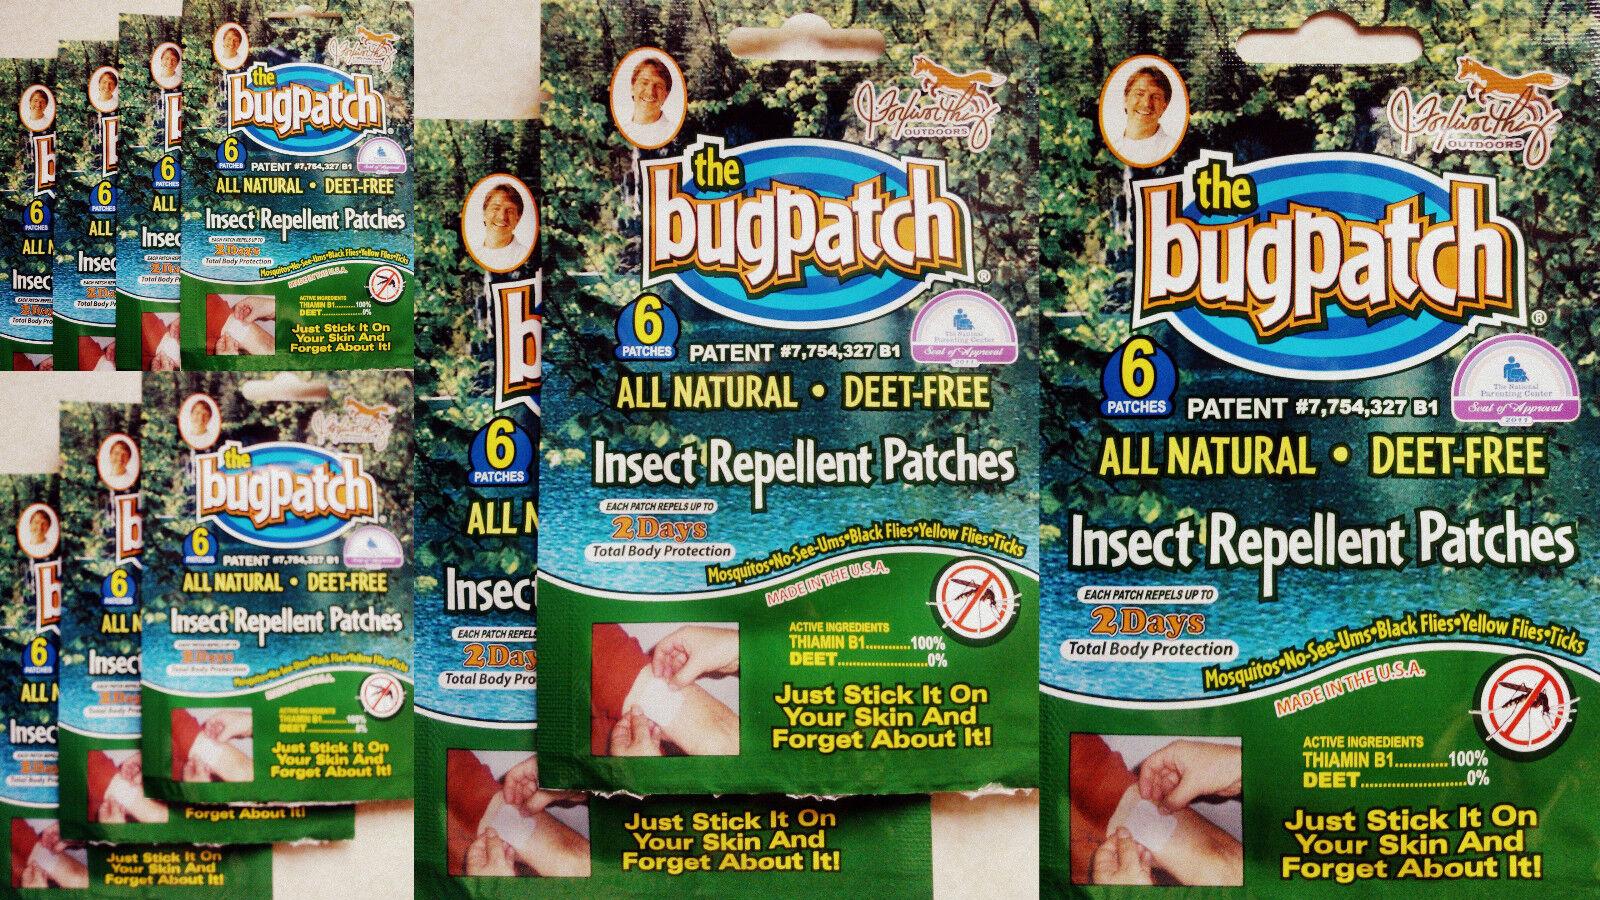 Patch Bug Zanzara Patch Repellente Per Insetti & Patch Zanzara 6,12,18,24-60 confezioni * scegli!!! f63427